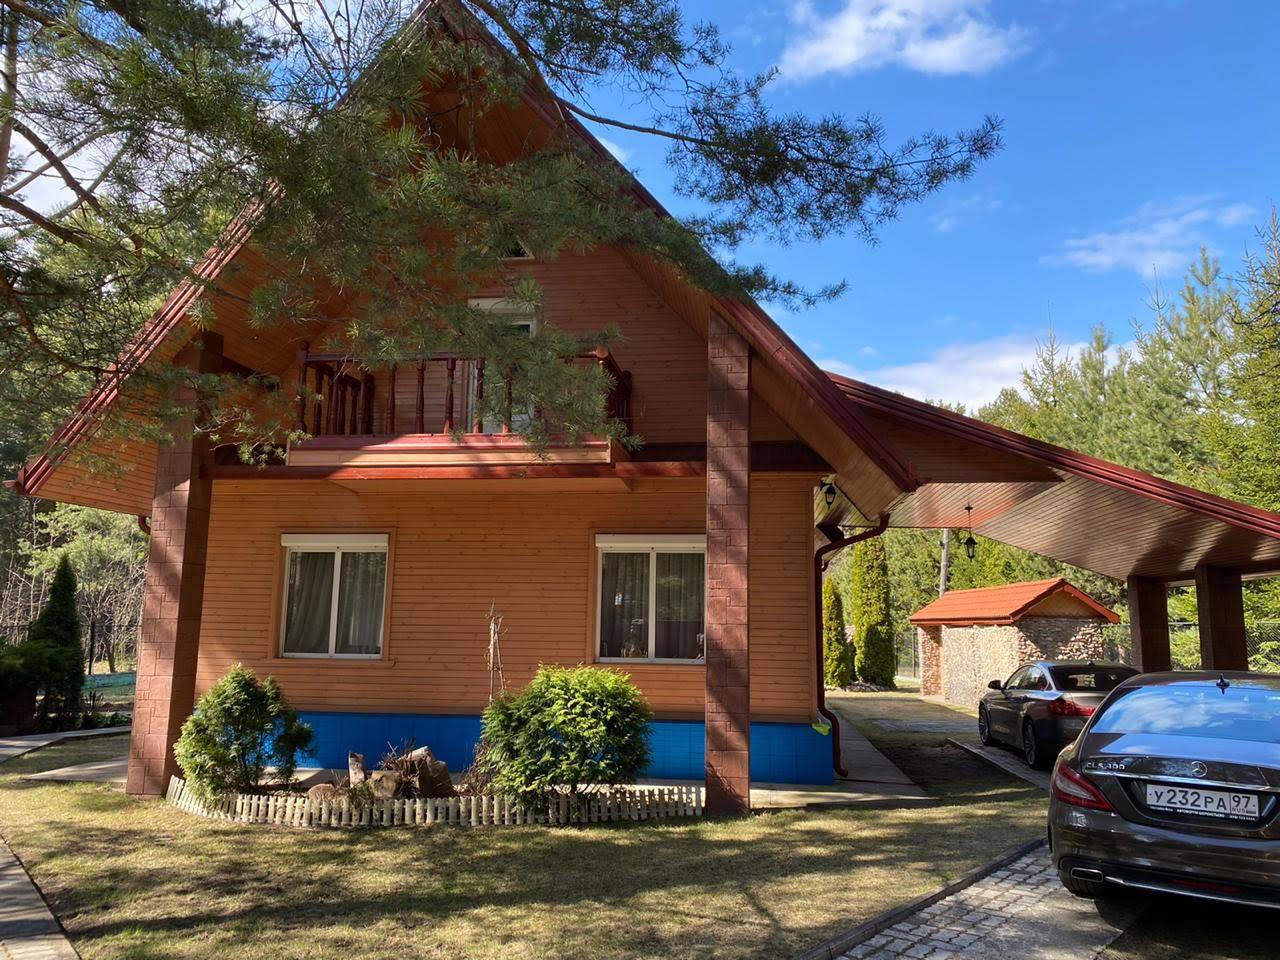 Загородный дом в г. Юрьевец (Ивановская область)